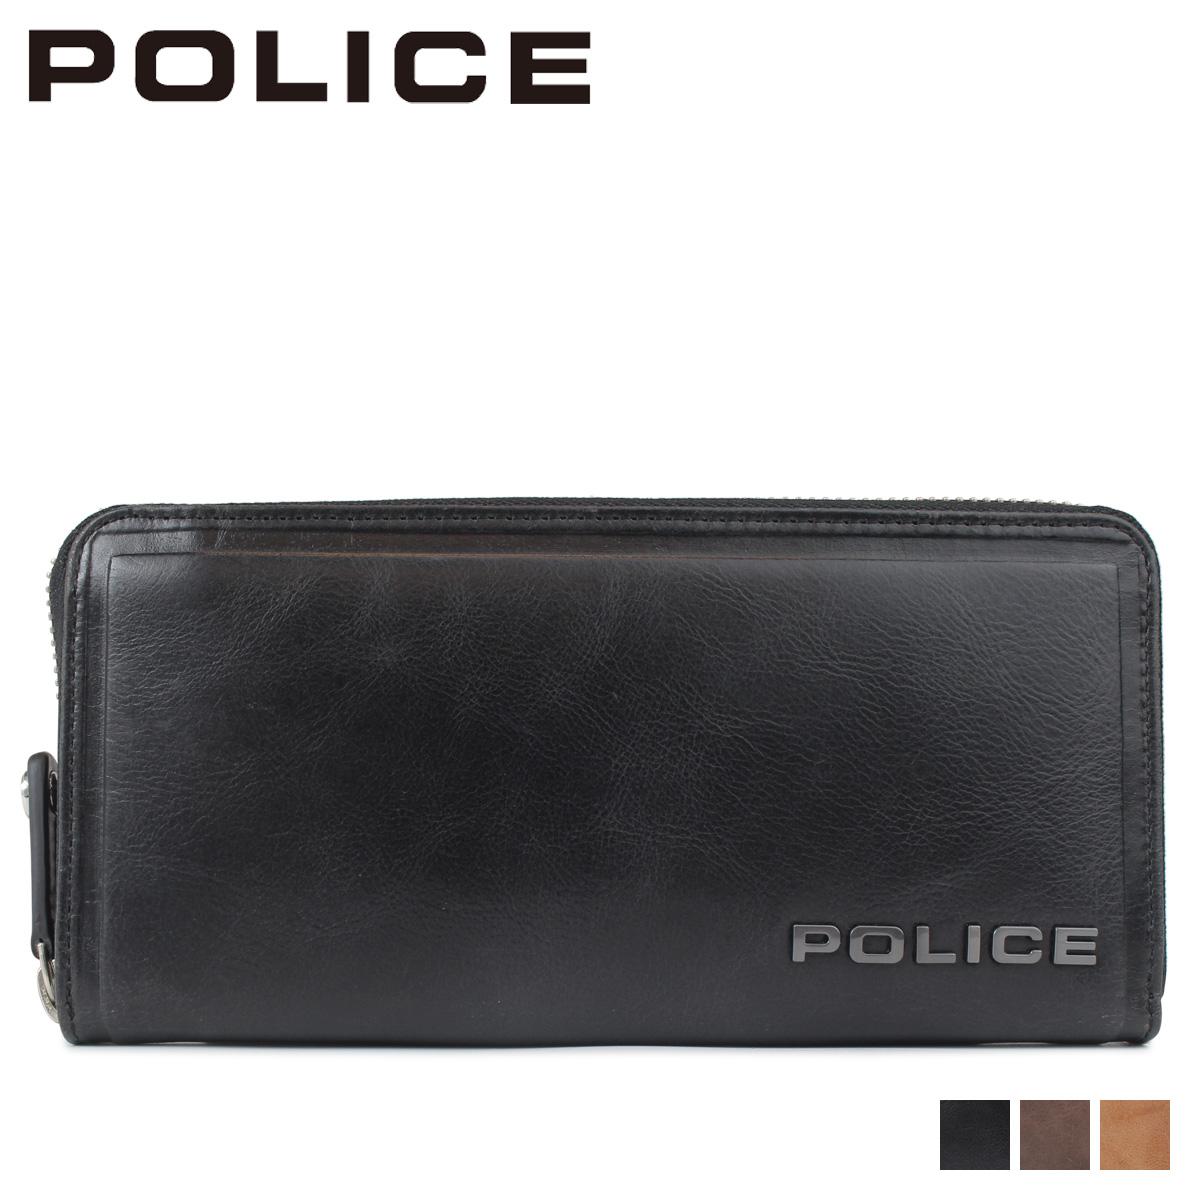 POLICE EDGE ROUND WALLET ポリス 財布 長財布 メンズ ラウンドファスナー レザー ブラック キャメル ダーク ブラウン 黒 PA-58002